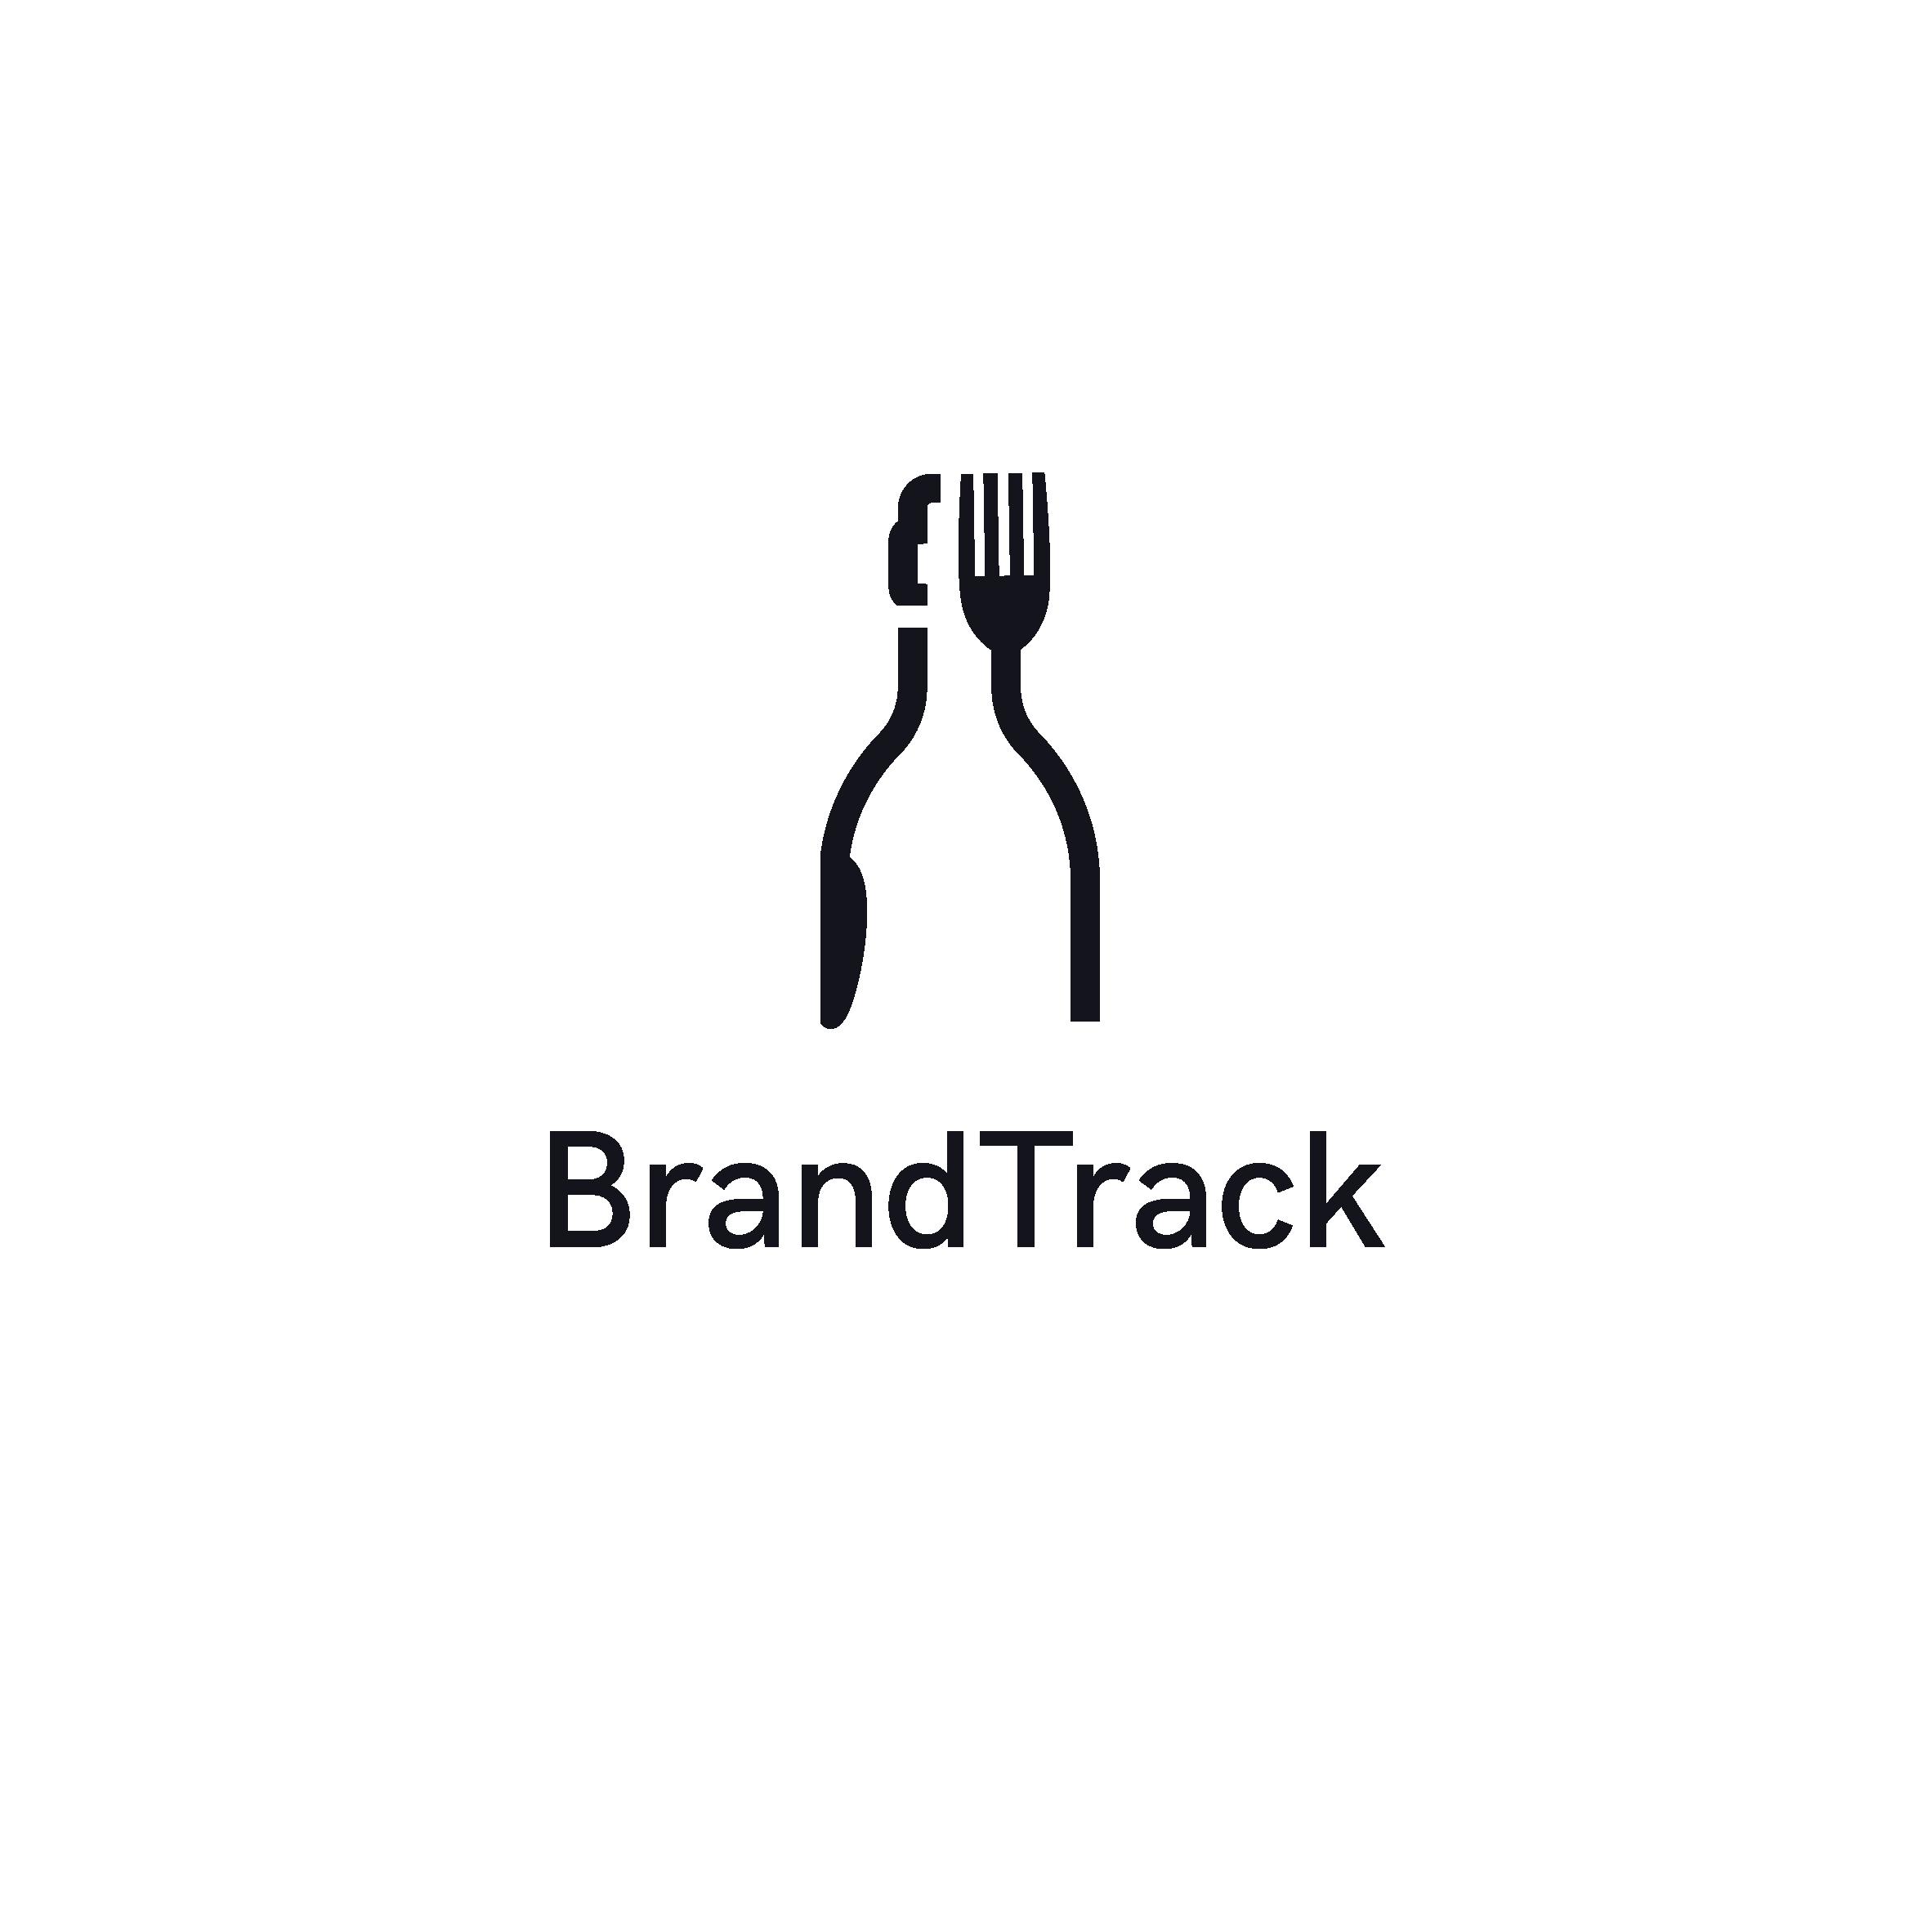 BrandTrack Blue